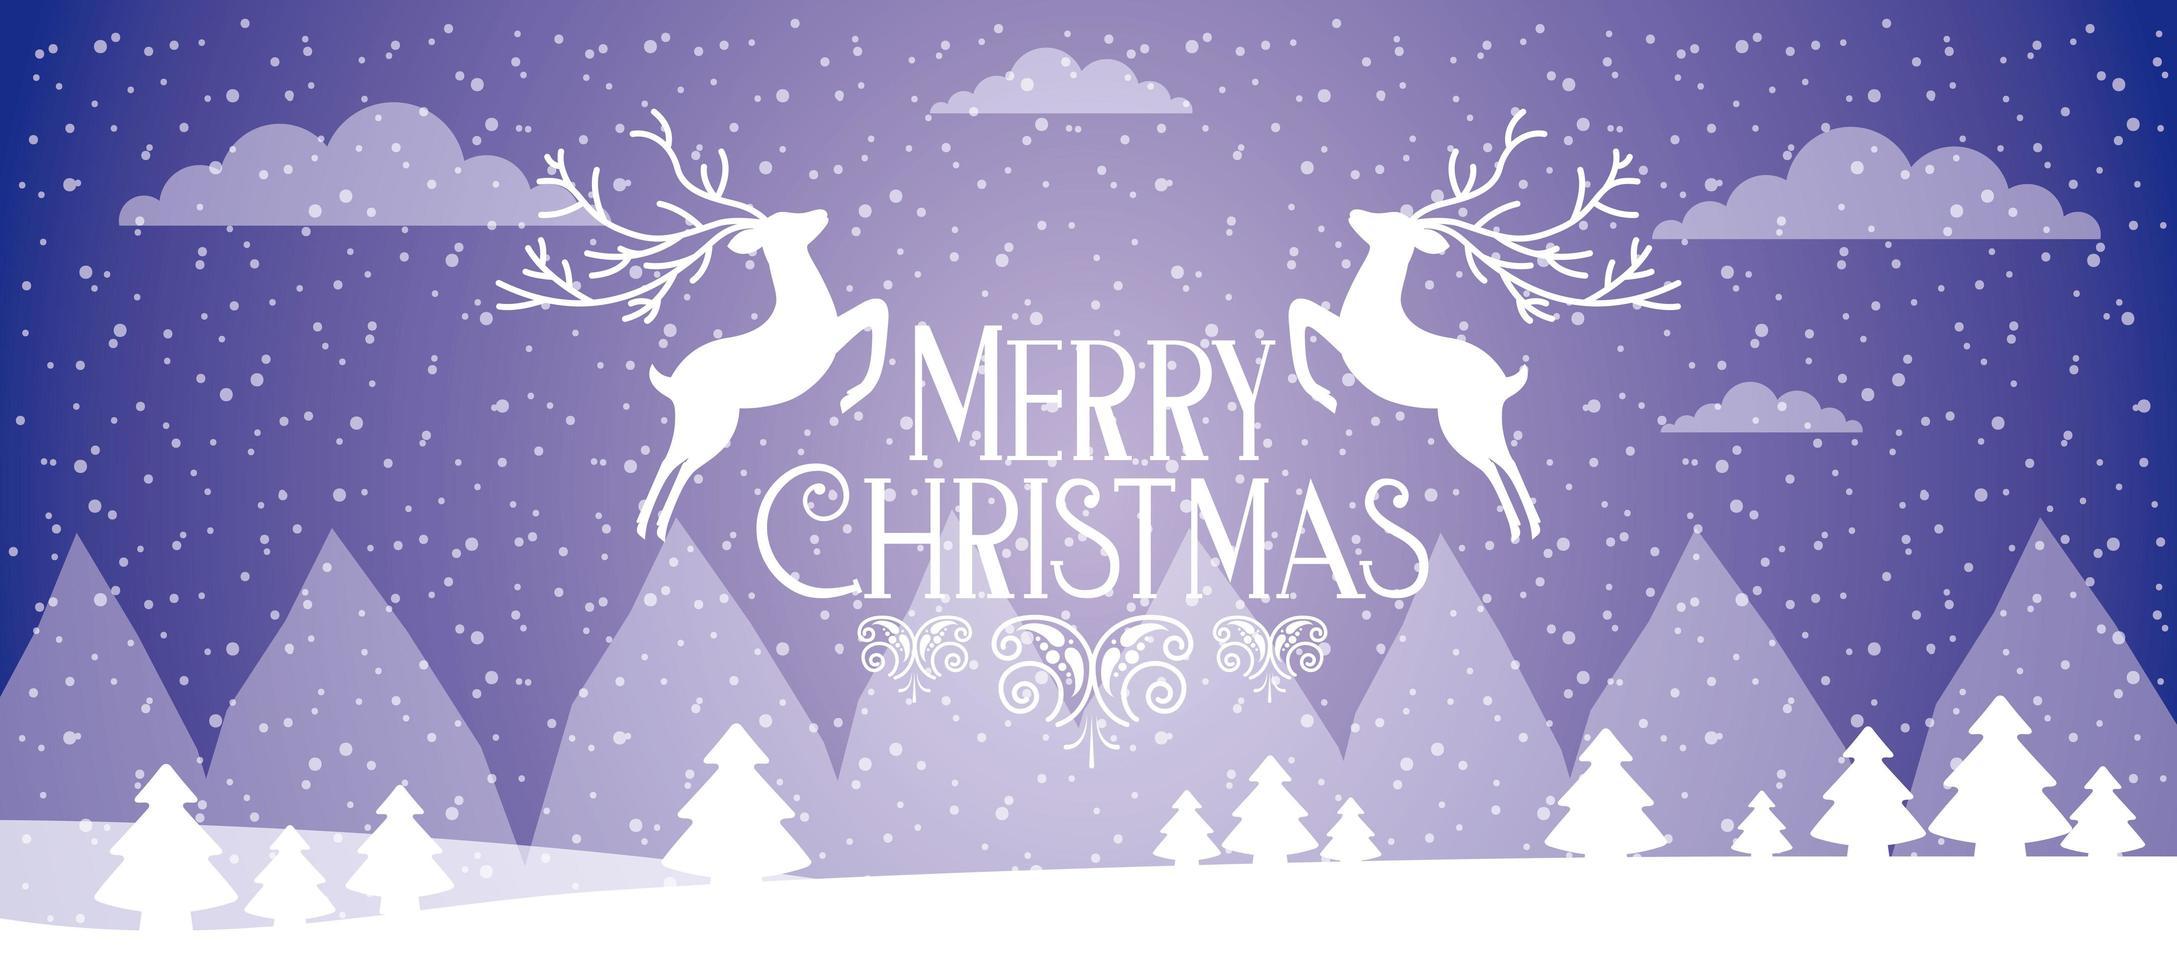 banner di buon Natale con due cervi bianchi che salta vettore